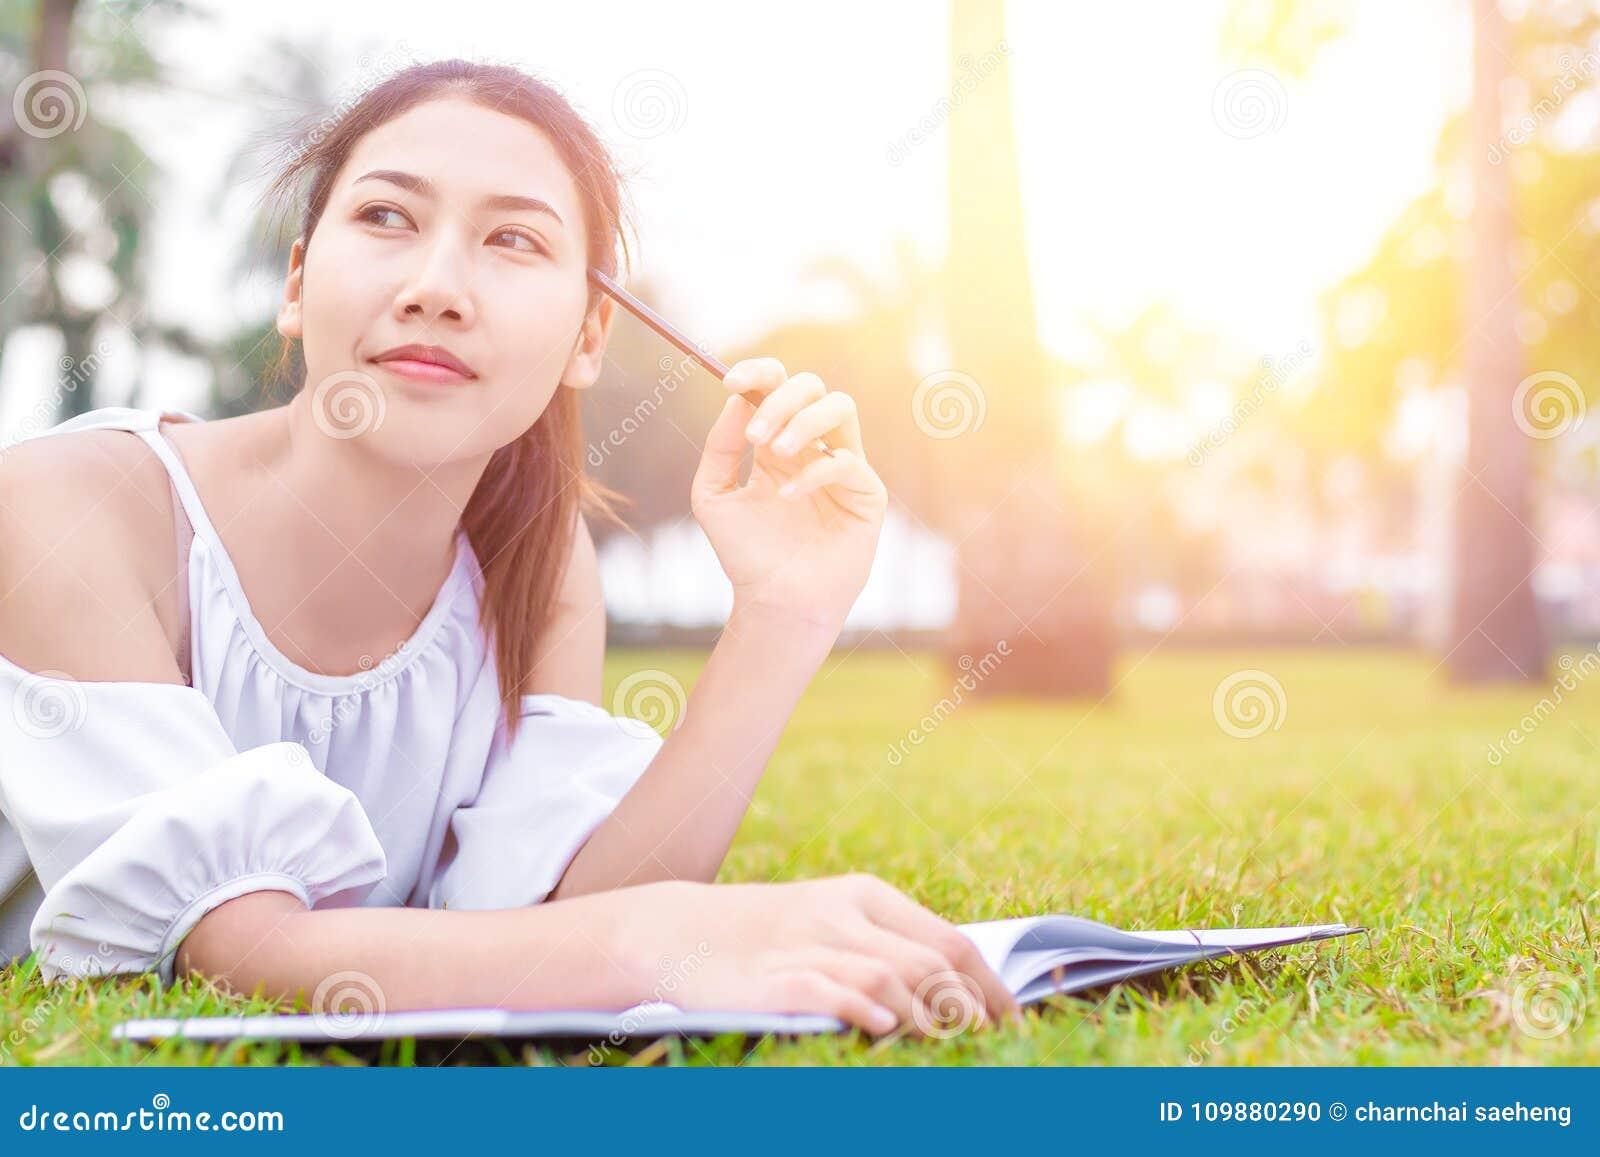 Les femmes est sur l herbe et beau Elle pense que… vous le travail doit trouver ce qui ! le livre est sur l herbe elle portent la